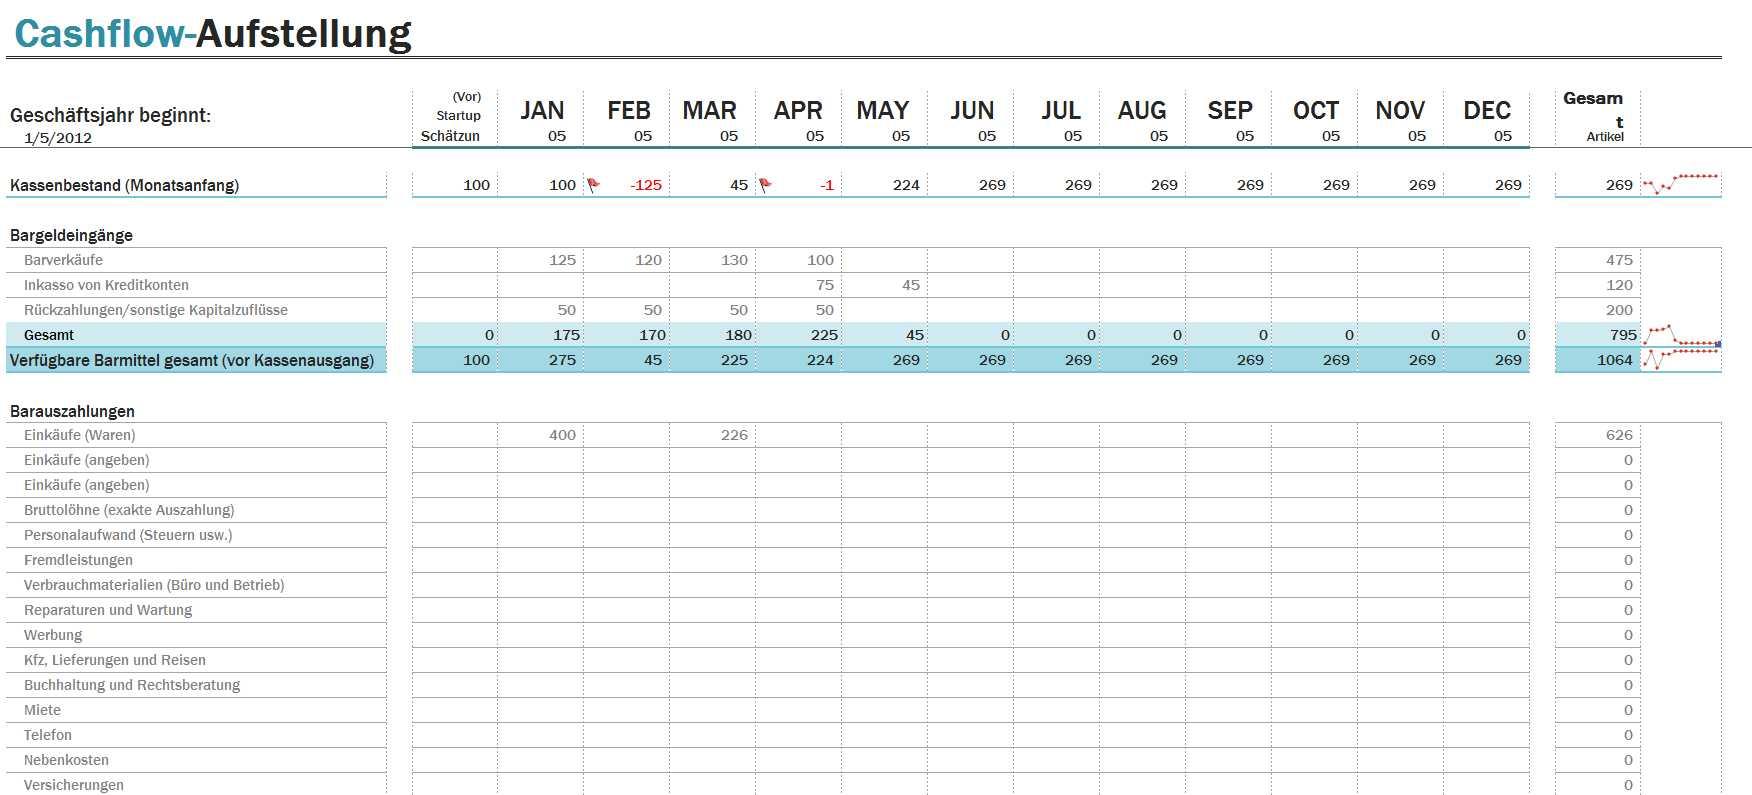 Cashflow-Aufstellung | Excel-Tabelle